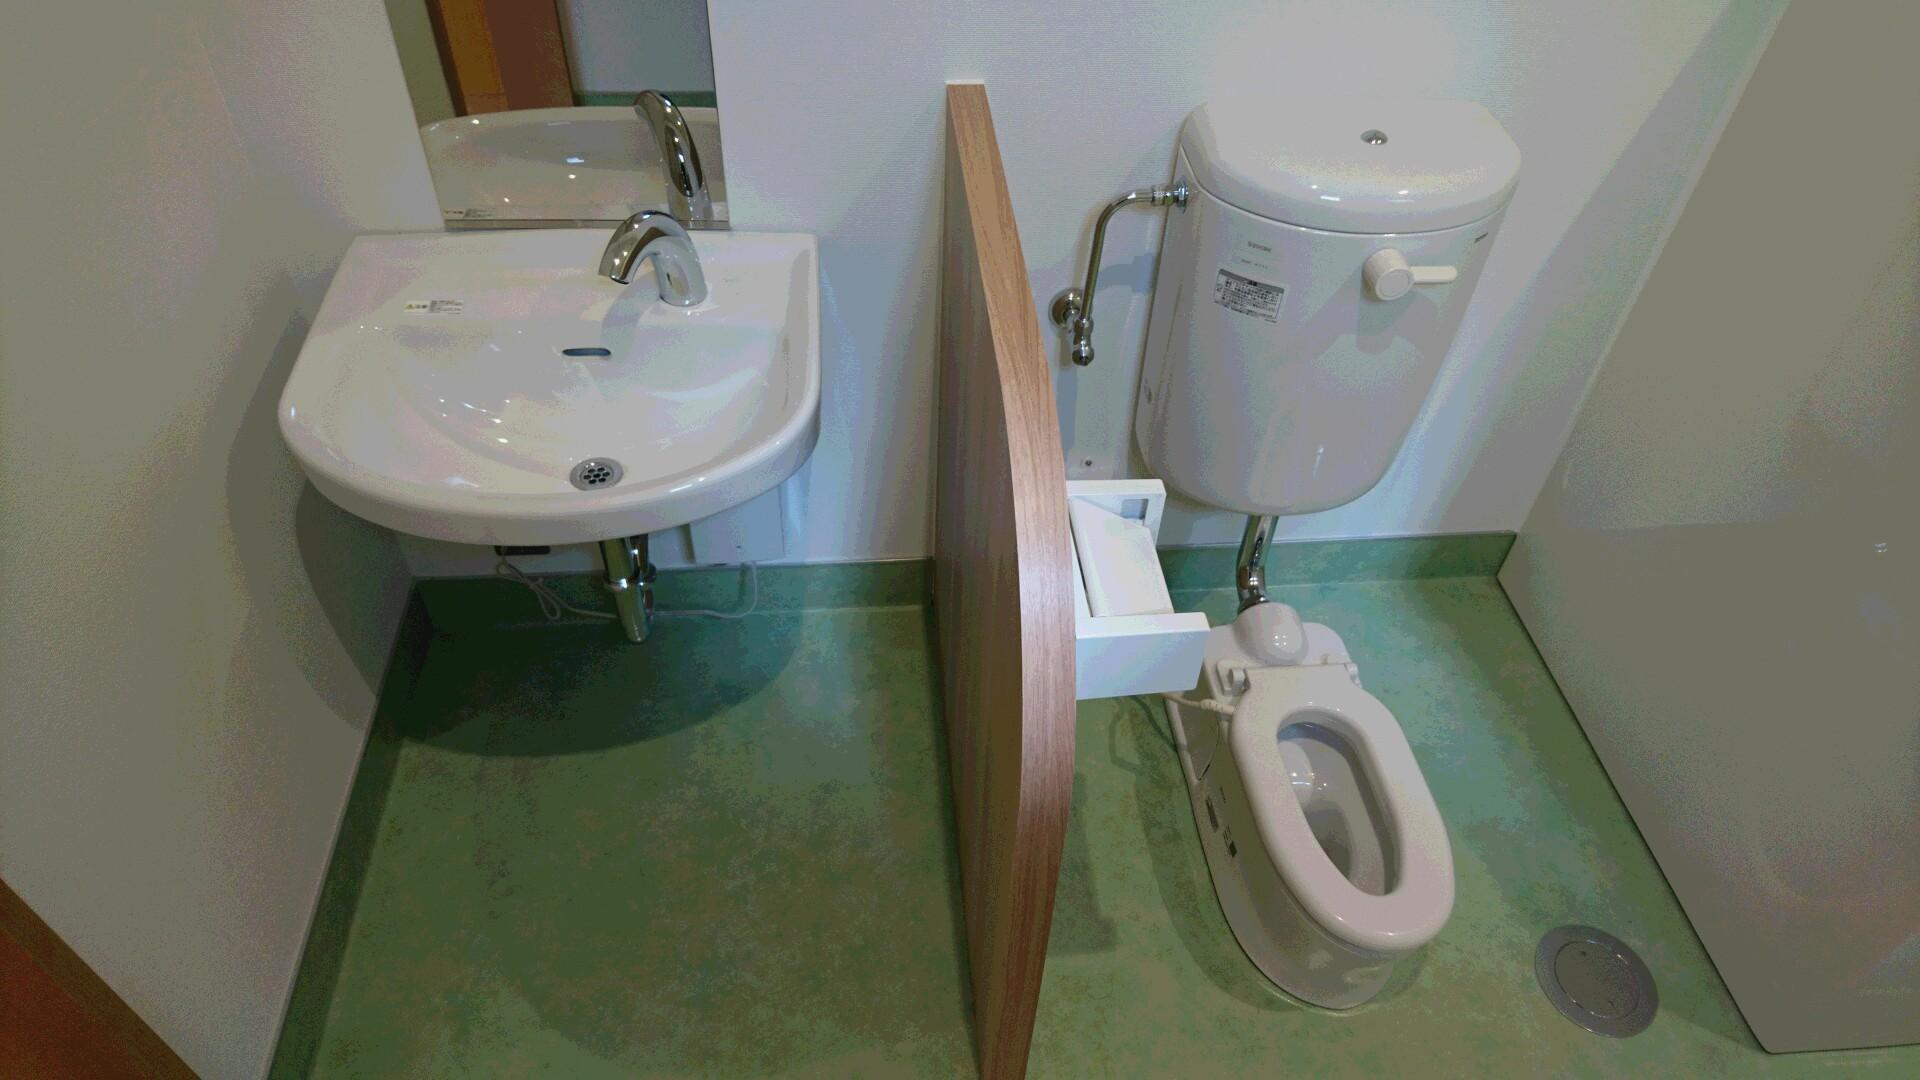 療育室に設置されている幼児用トイレの様子